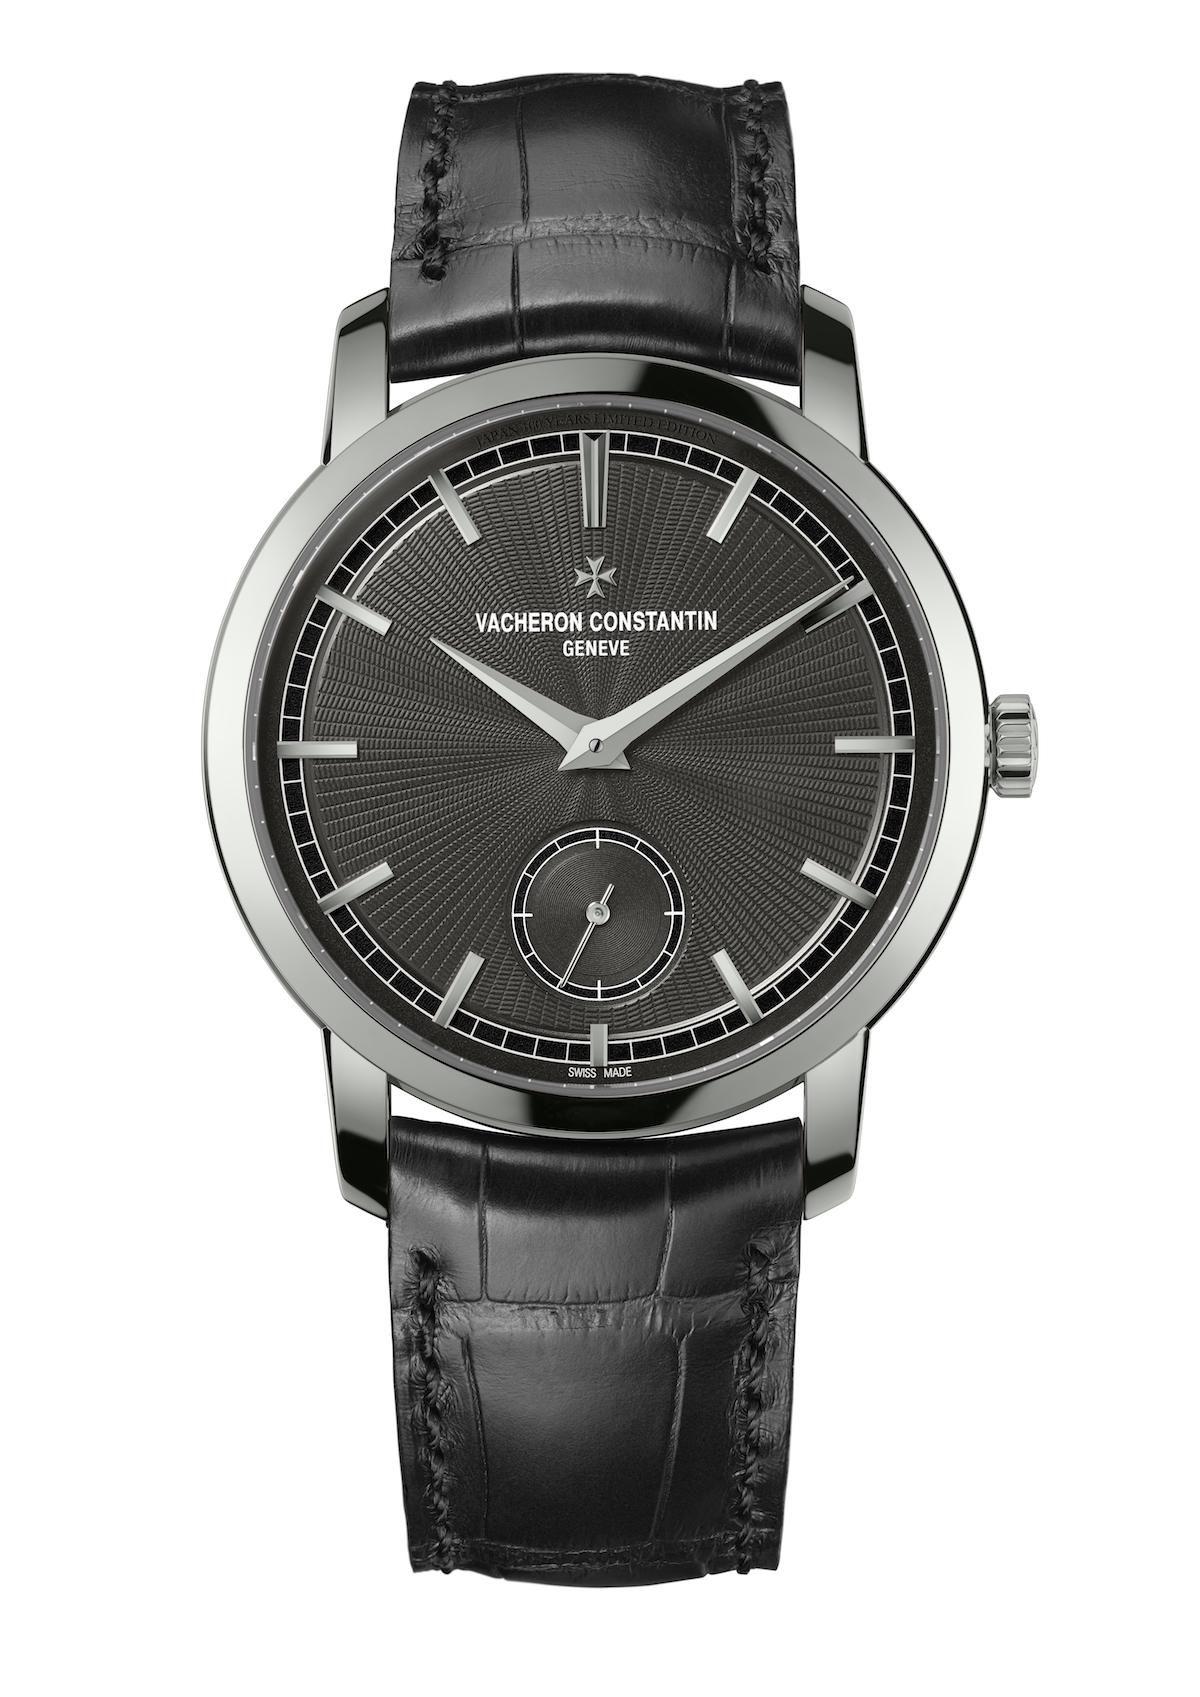 """8e01b339c0e6 篠田哲生が選んだのは、""""四天王""""の日本限定モデル!──ジャーナリストが選ぶ腕時計・2017年の極私的1本"""